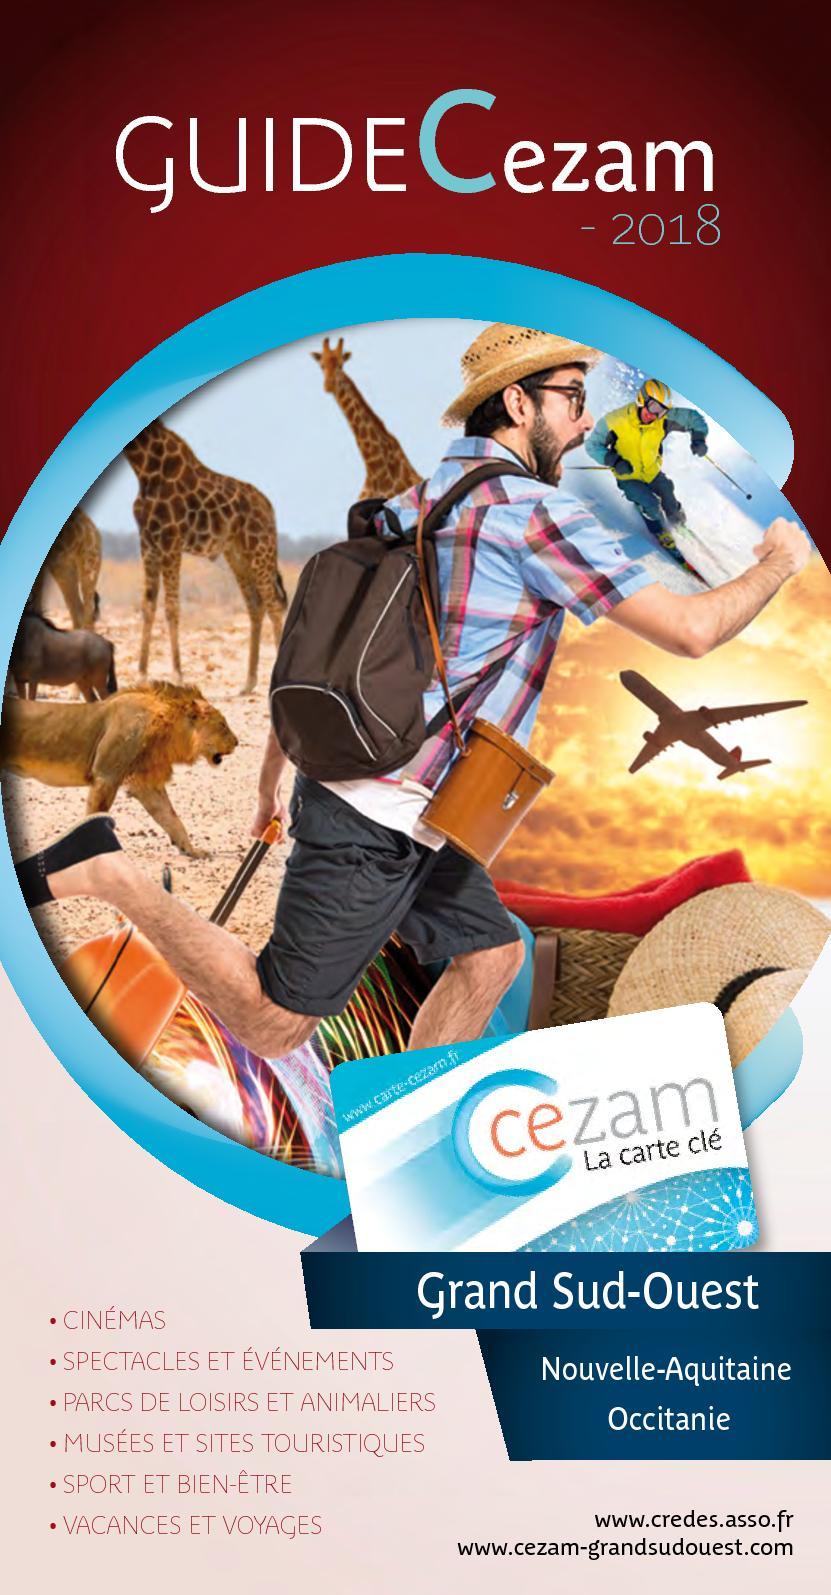 Carte Cezam Vallee Des Singes.Calameo Guide Cezam Grand Sud Ouest 2018 Web